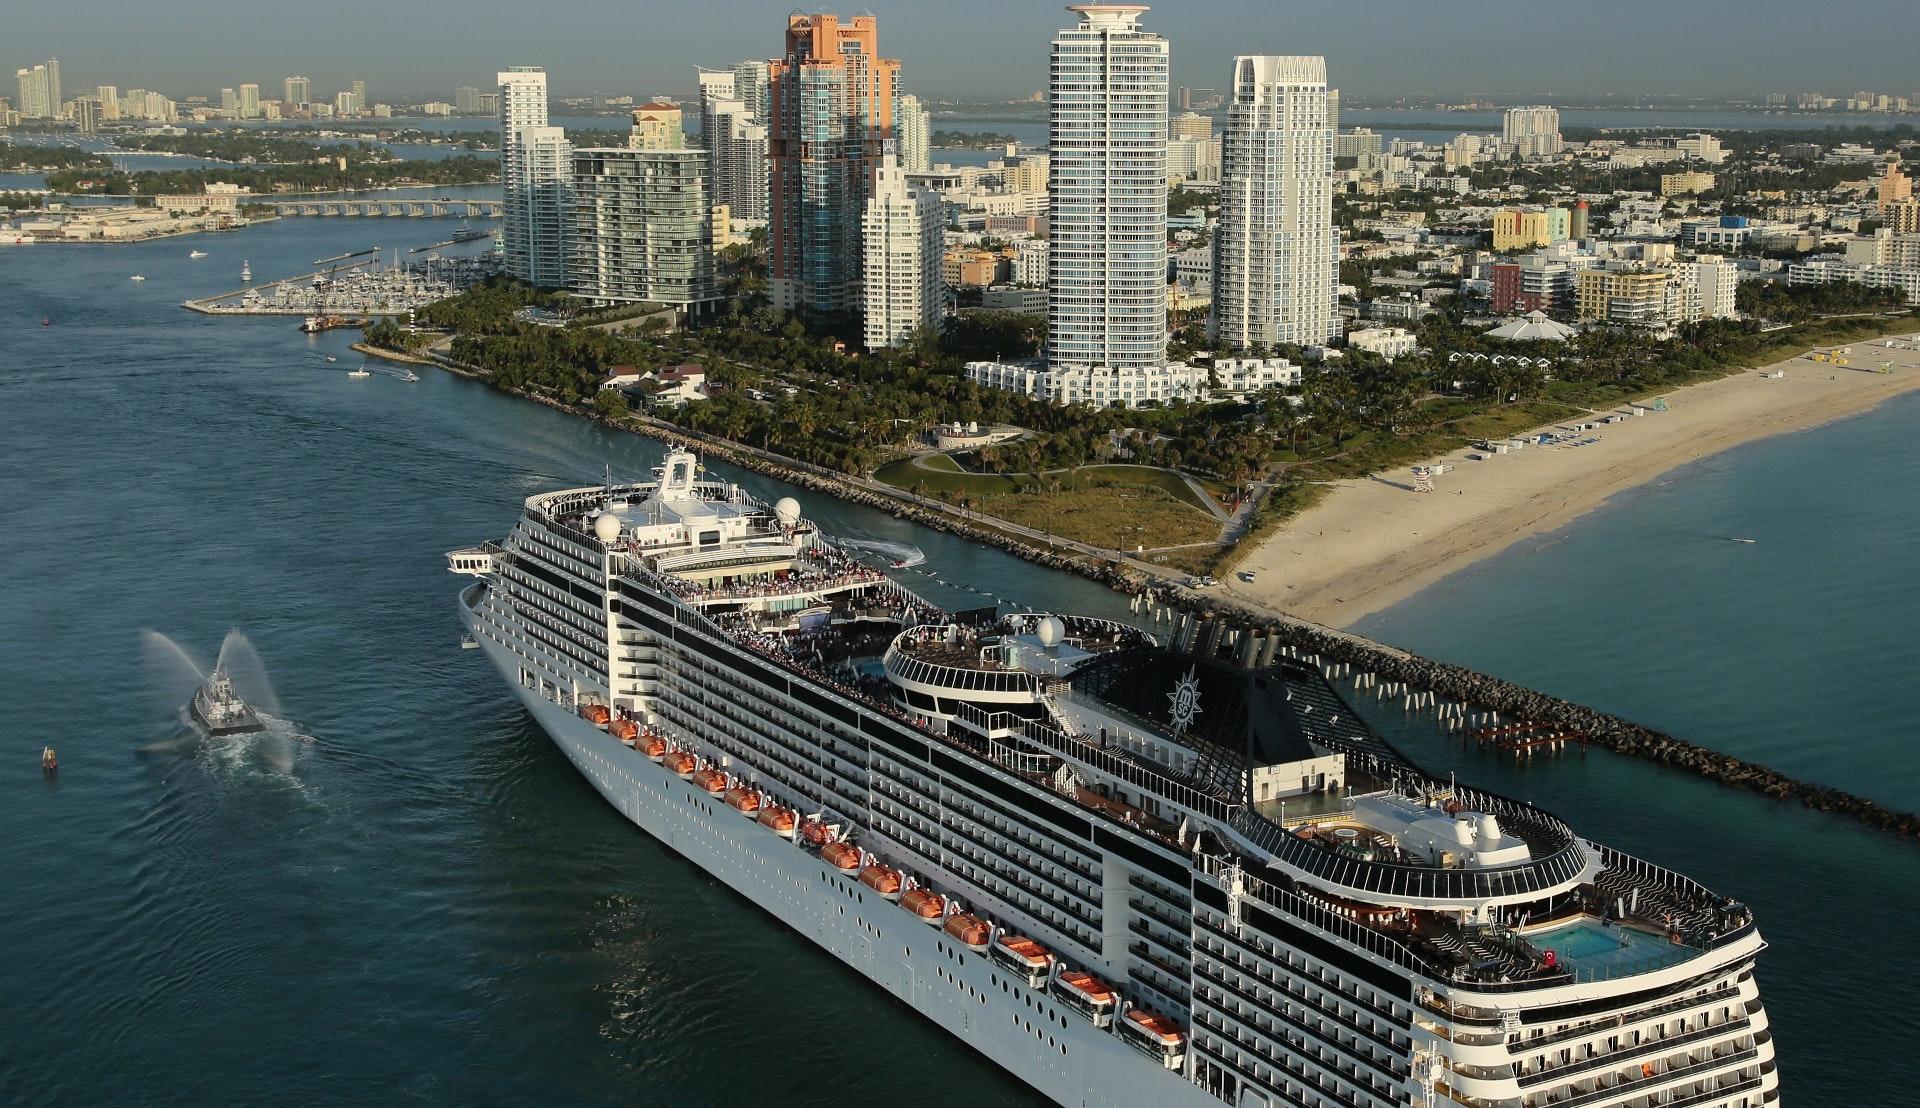 Msc Divina kryssar från Florida till Karibien